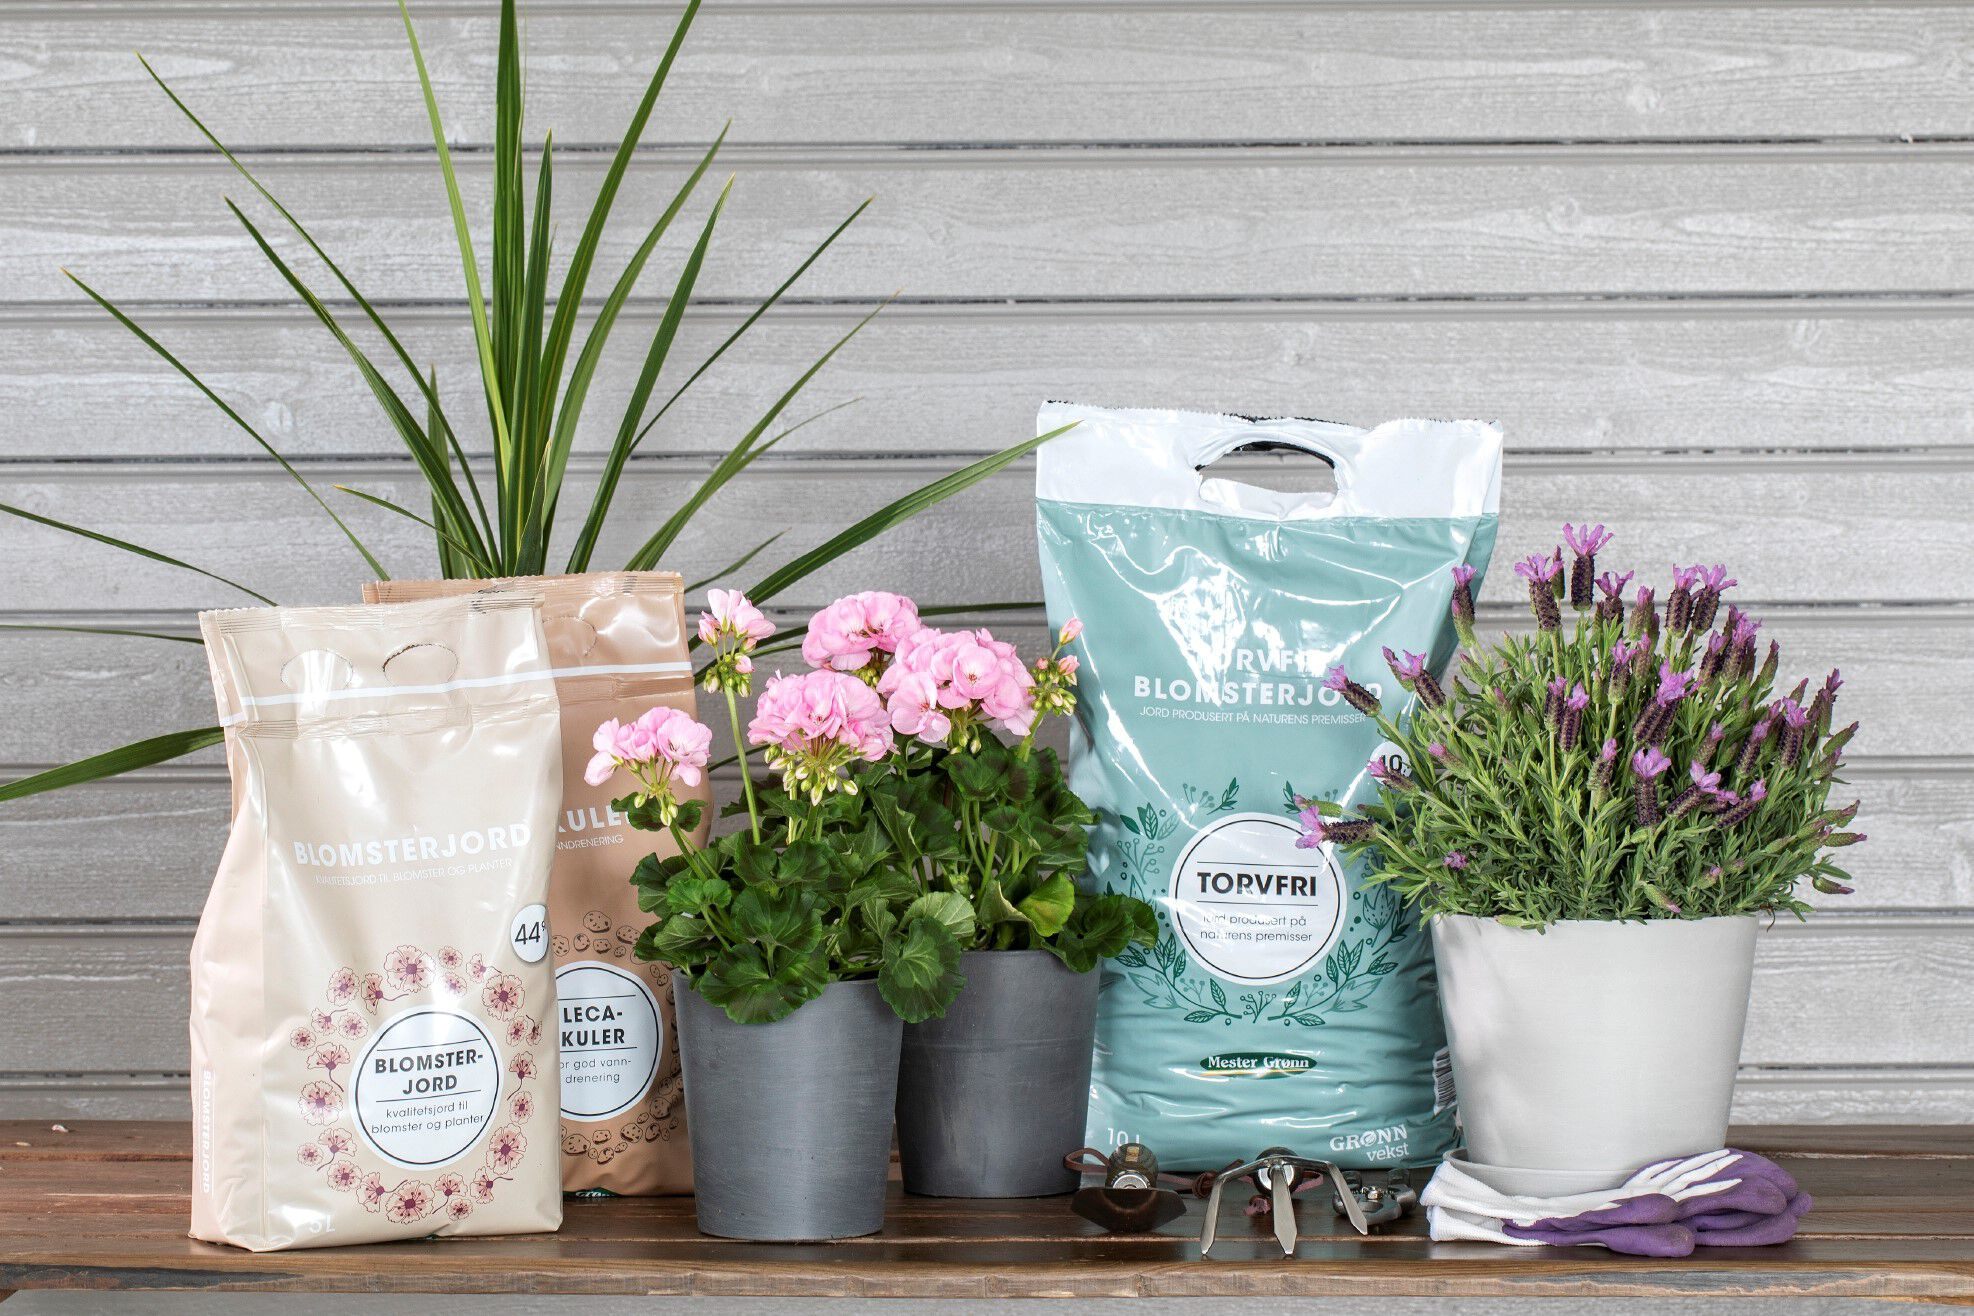 Planting av sommerblomster med jord og leca